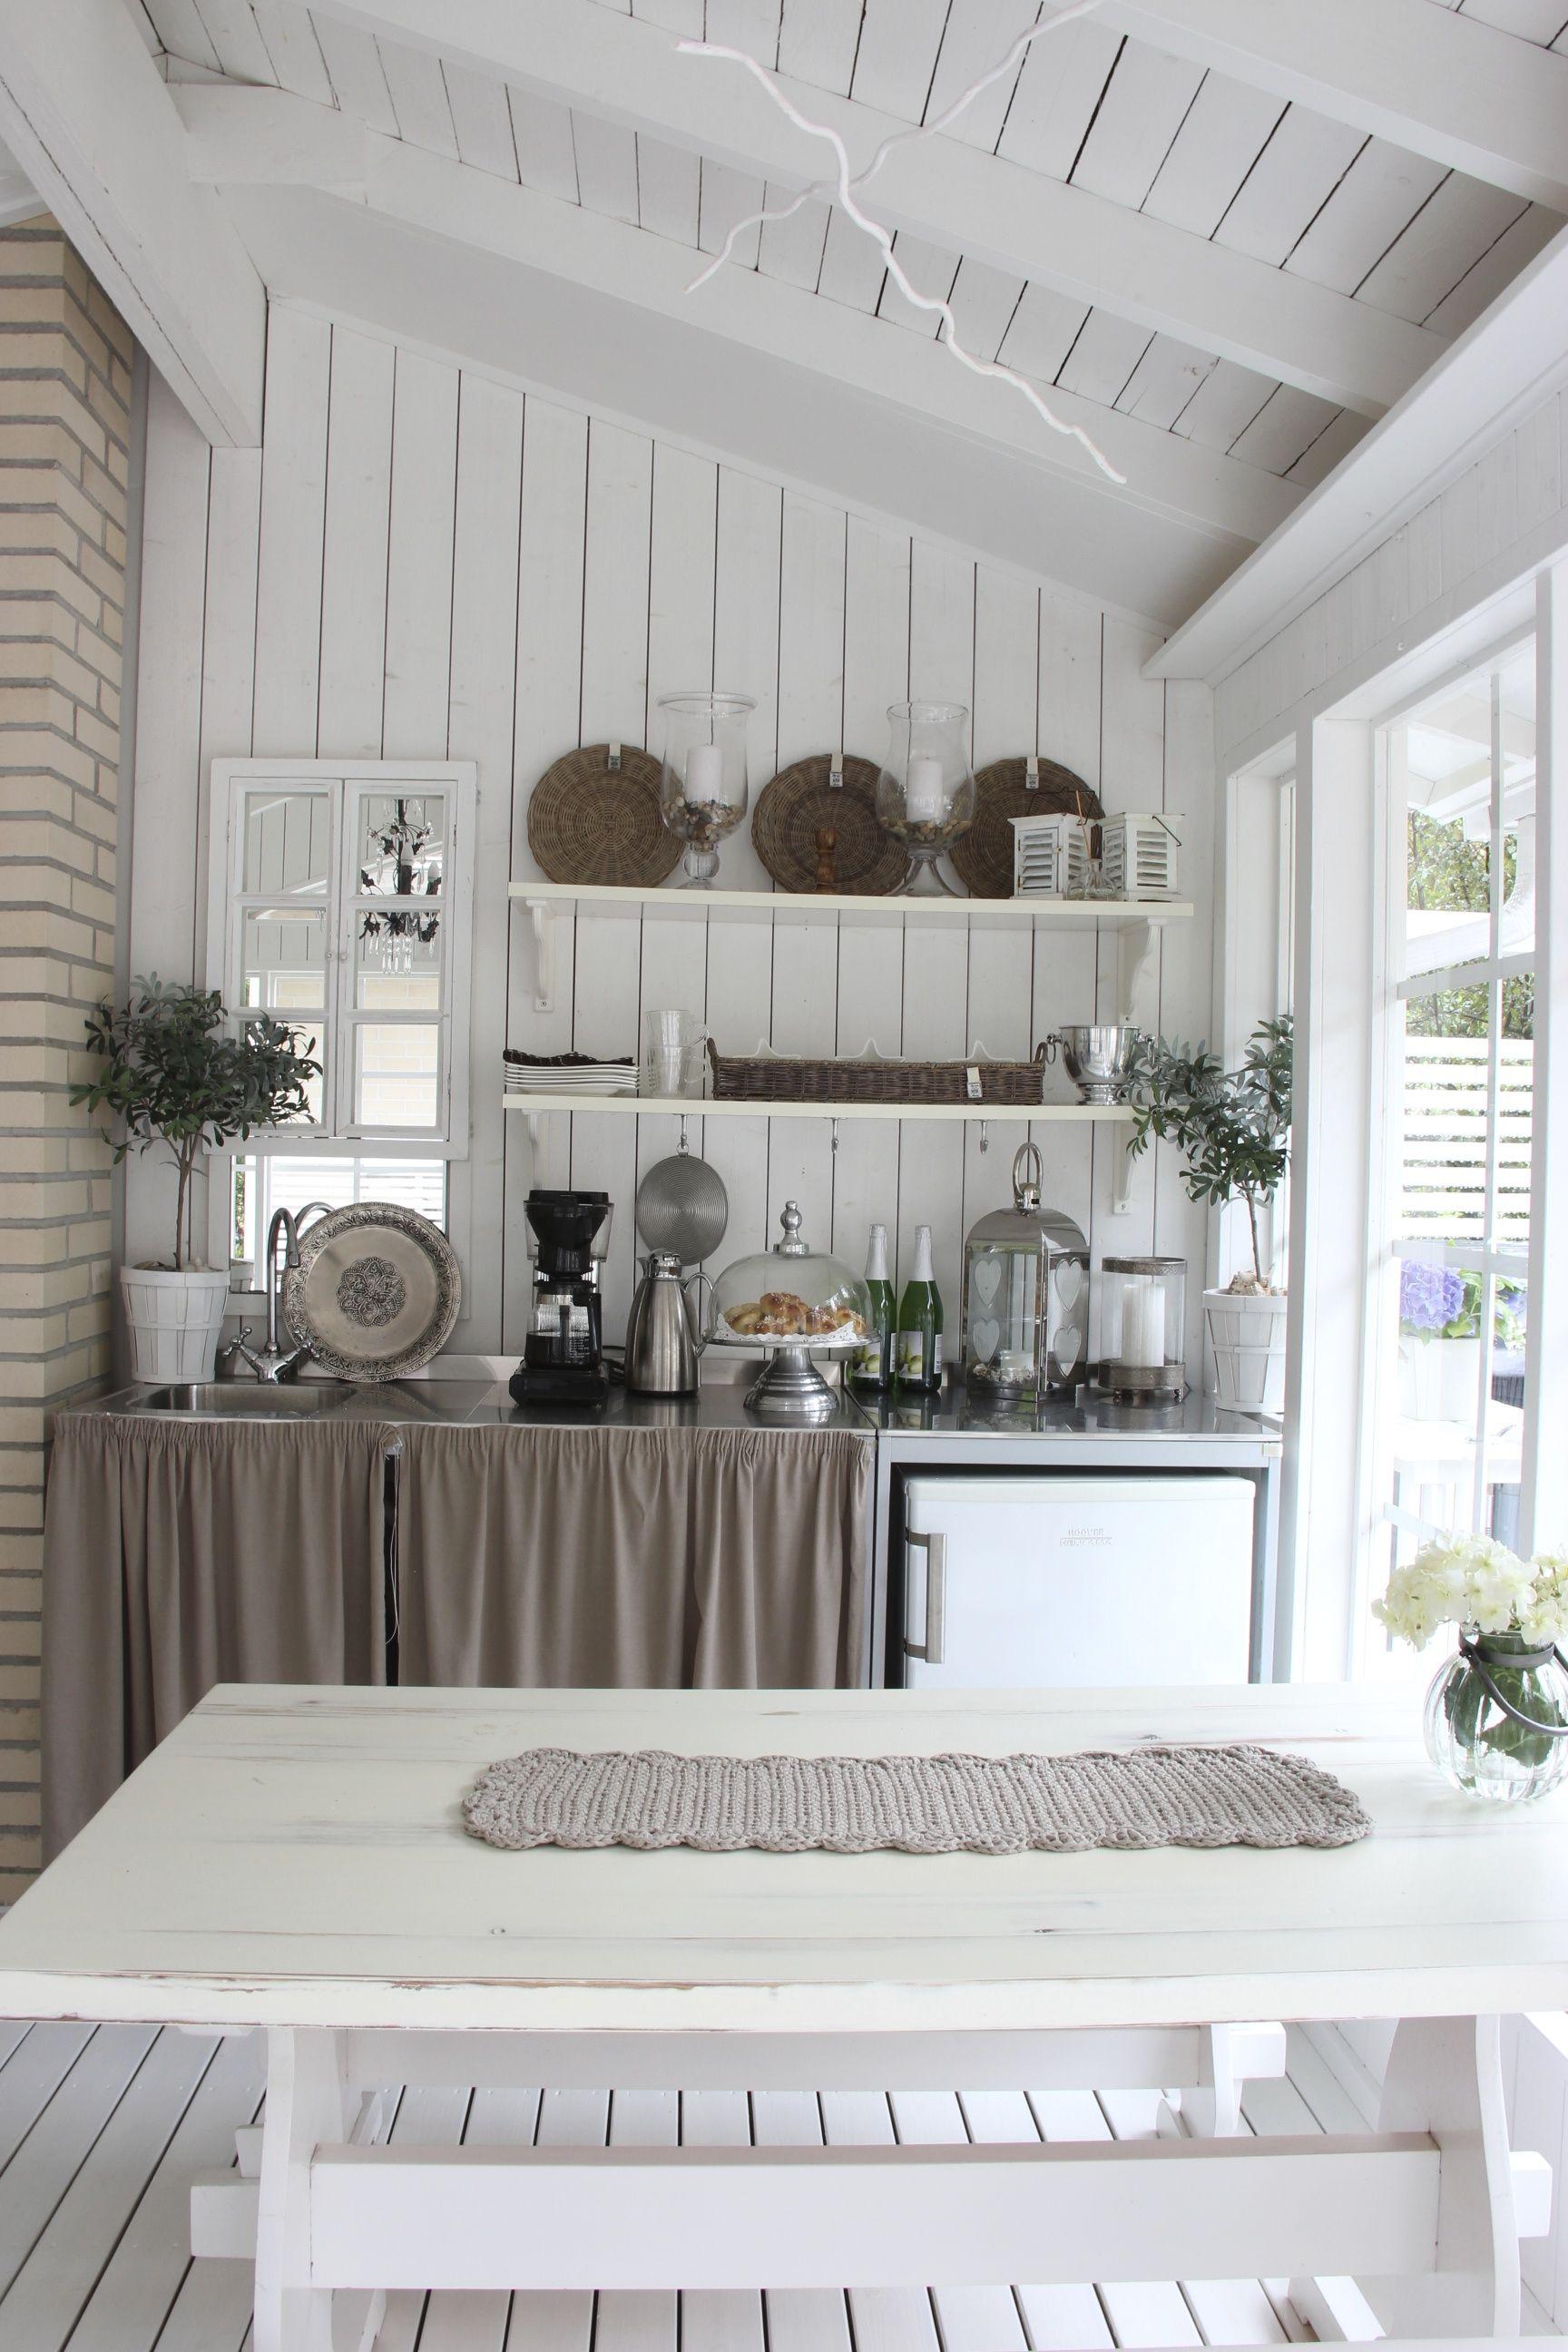 Kesäkeittiö kesäkeittiöt pinterest kitchens cabin and summer